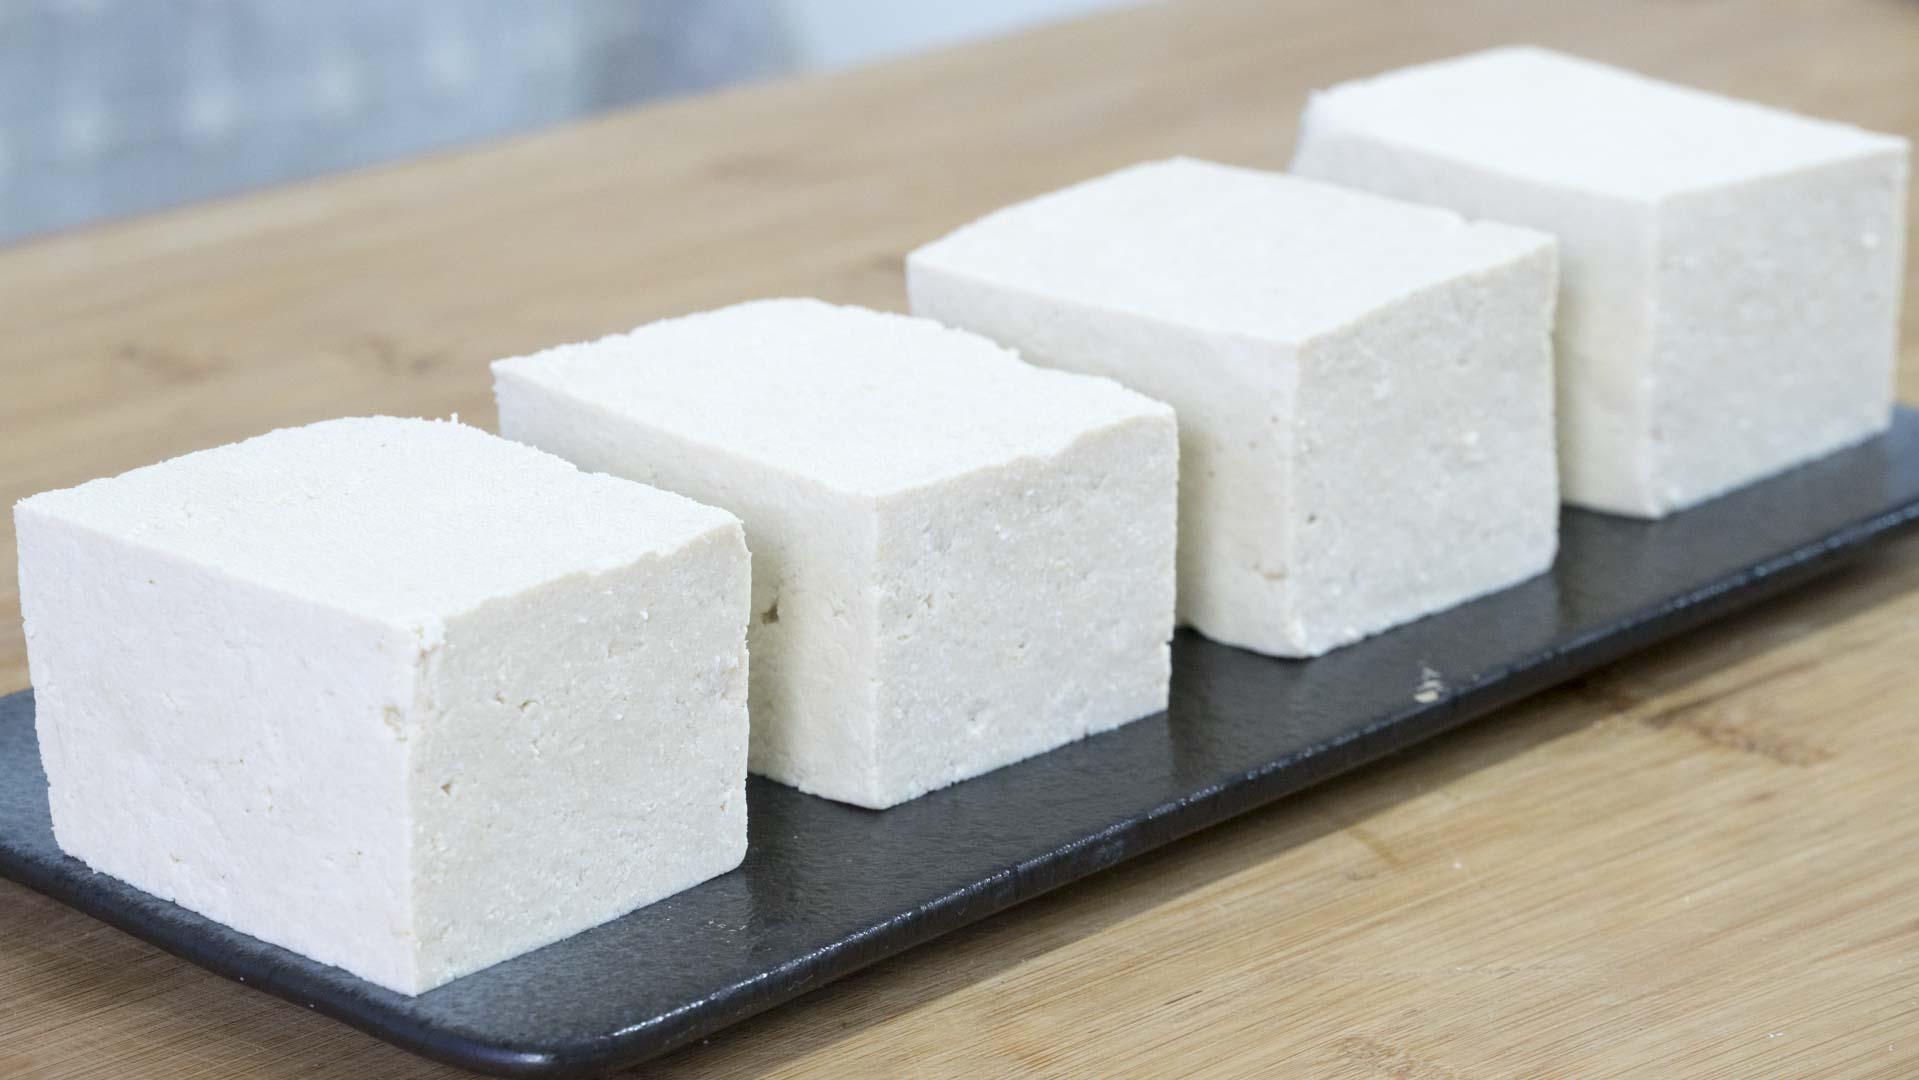 在家做豆腐,2斤黄豆出8斤豆腐,健康零添加,做法简单又好吃 美食做法 第1张